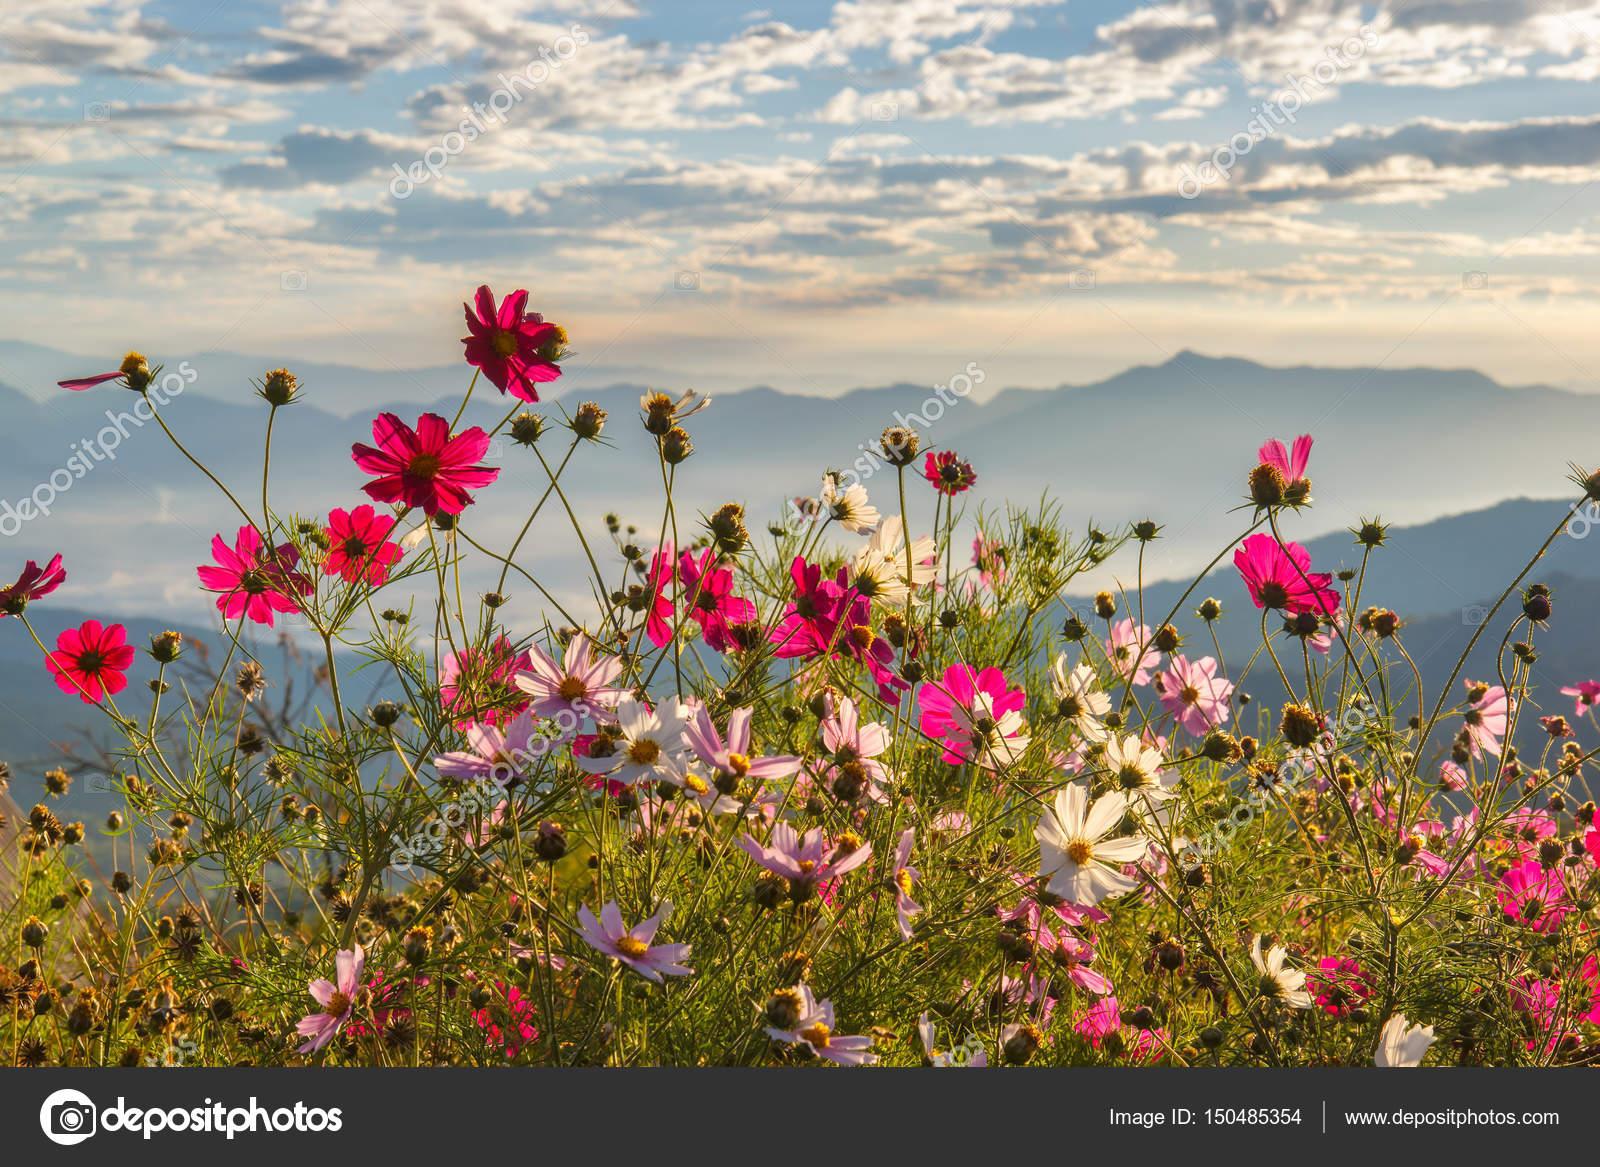 De Flores En La Montana: Hermosa Montaña De Doi Luang Chiang Dao En Las Flores